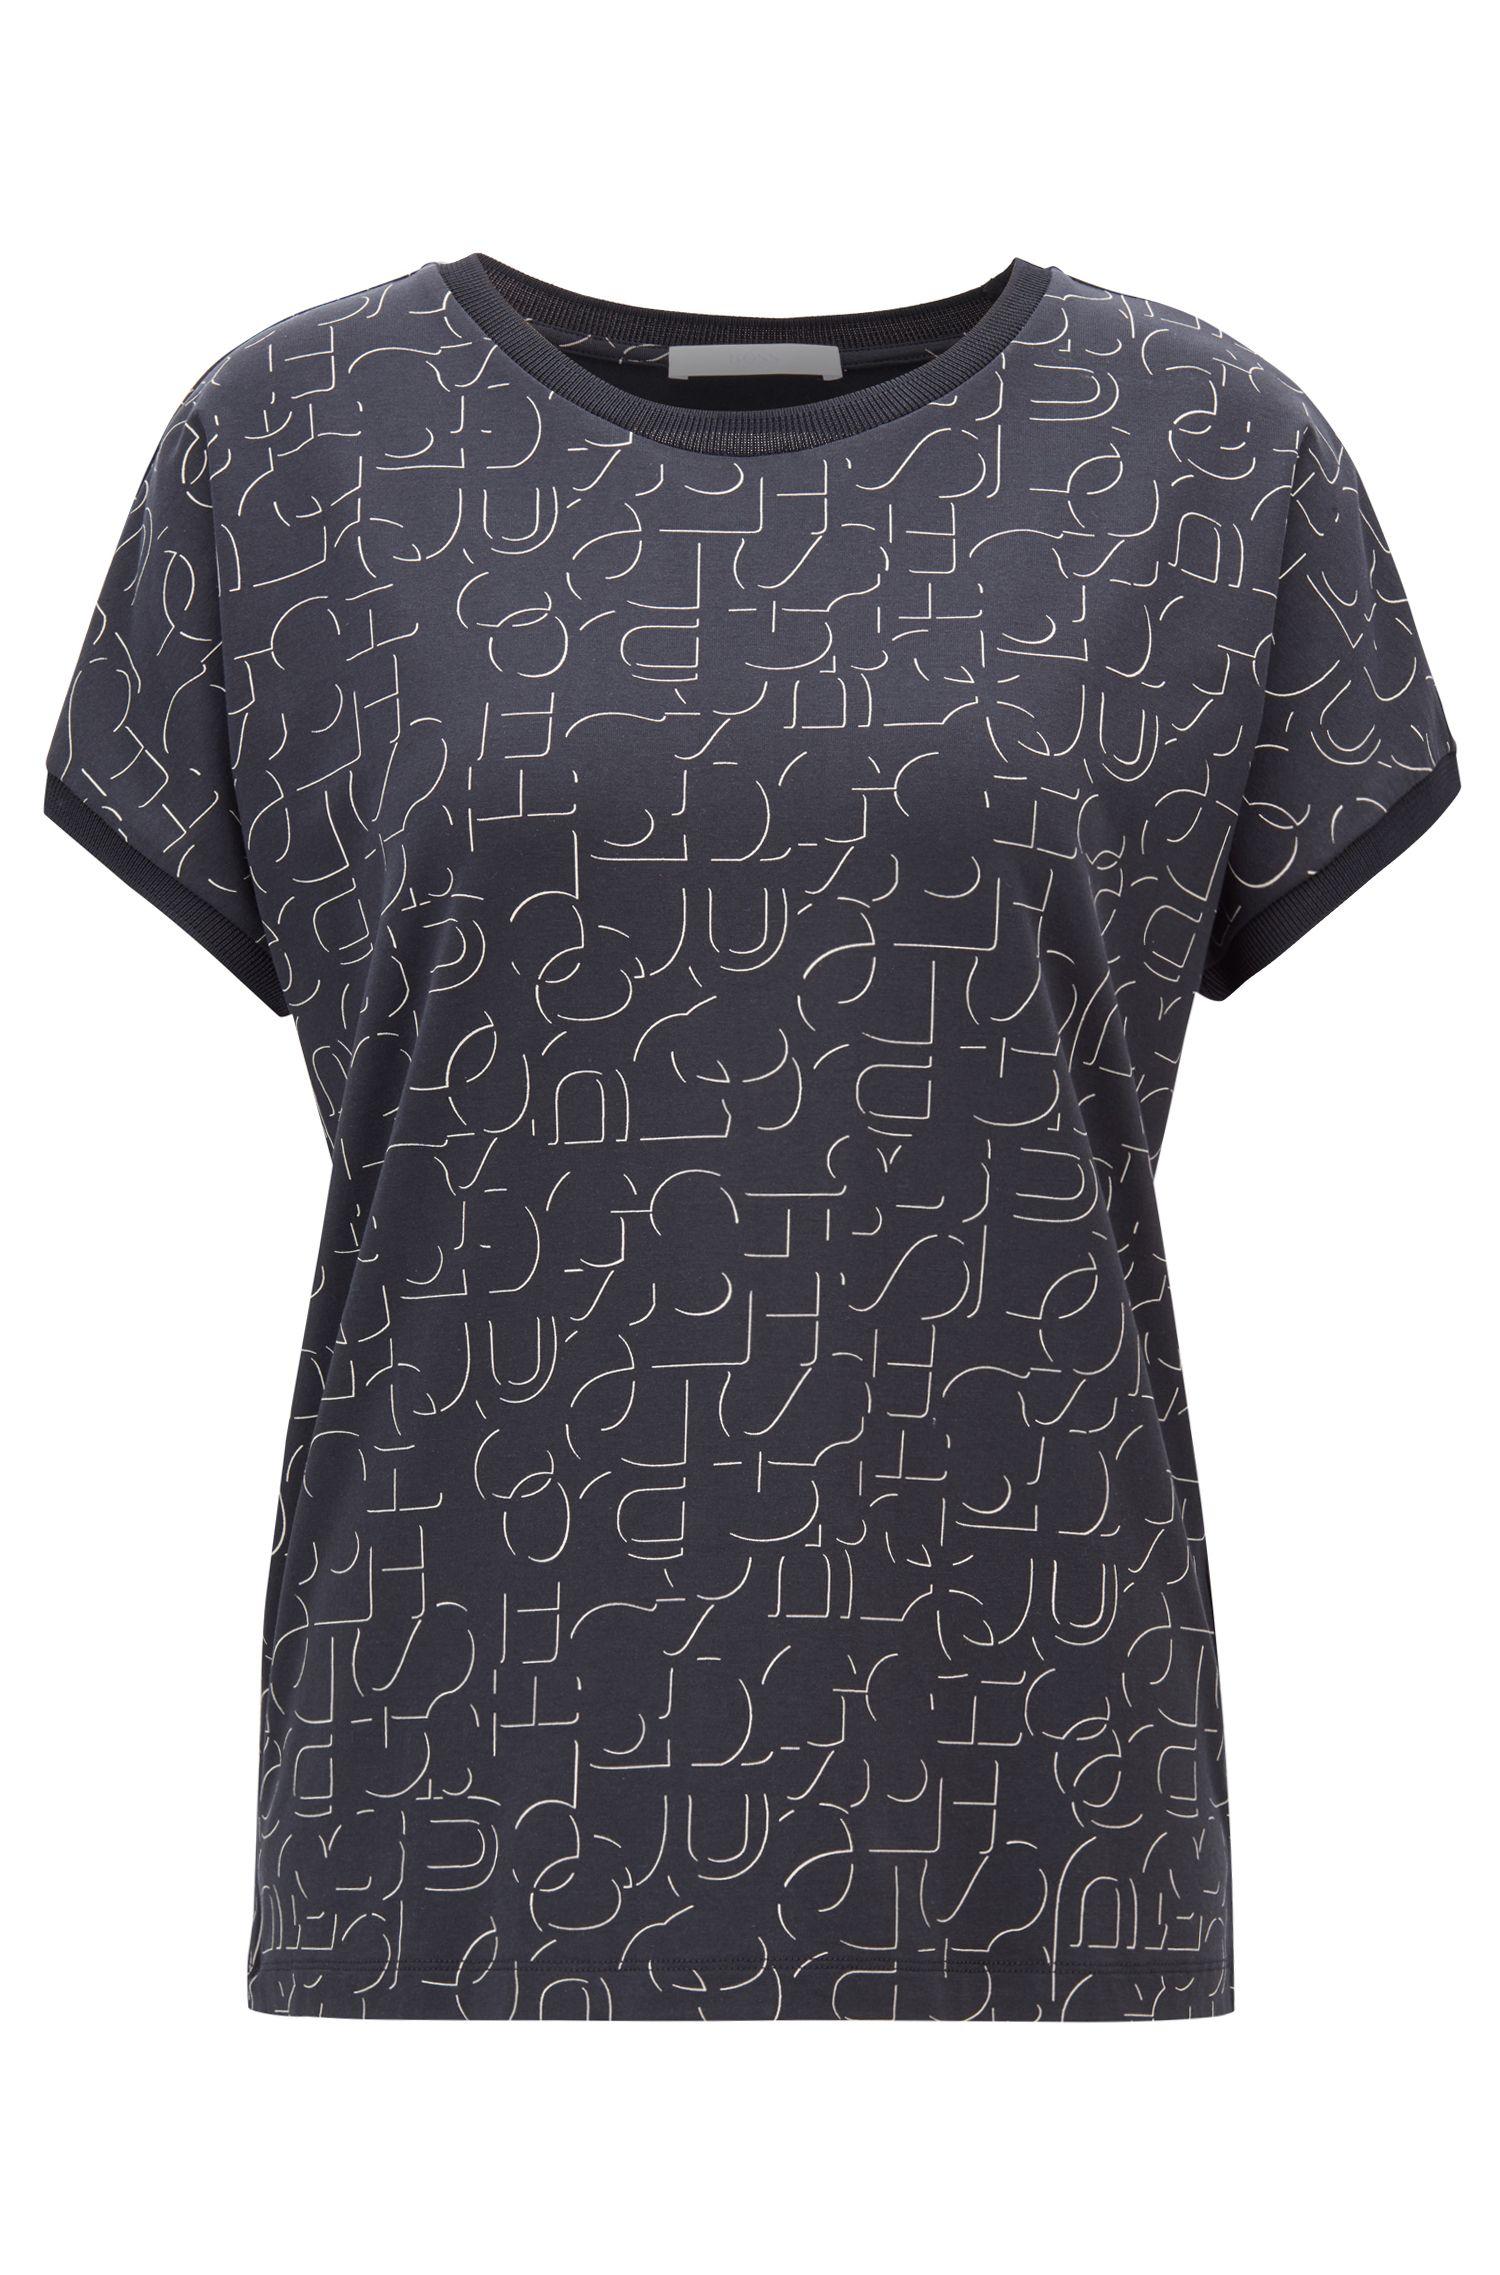 Kurzarm-Top aus Stretch-Jersey mit abstraktem Logo-Dessin, Gemustert